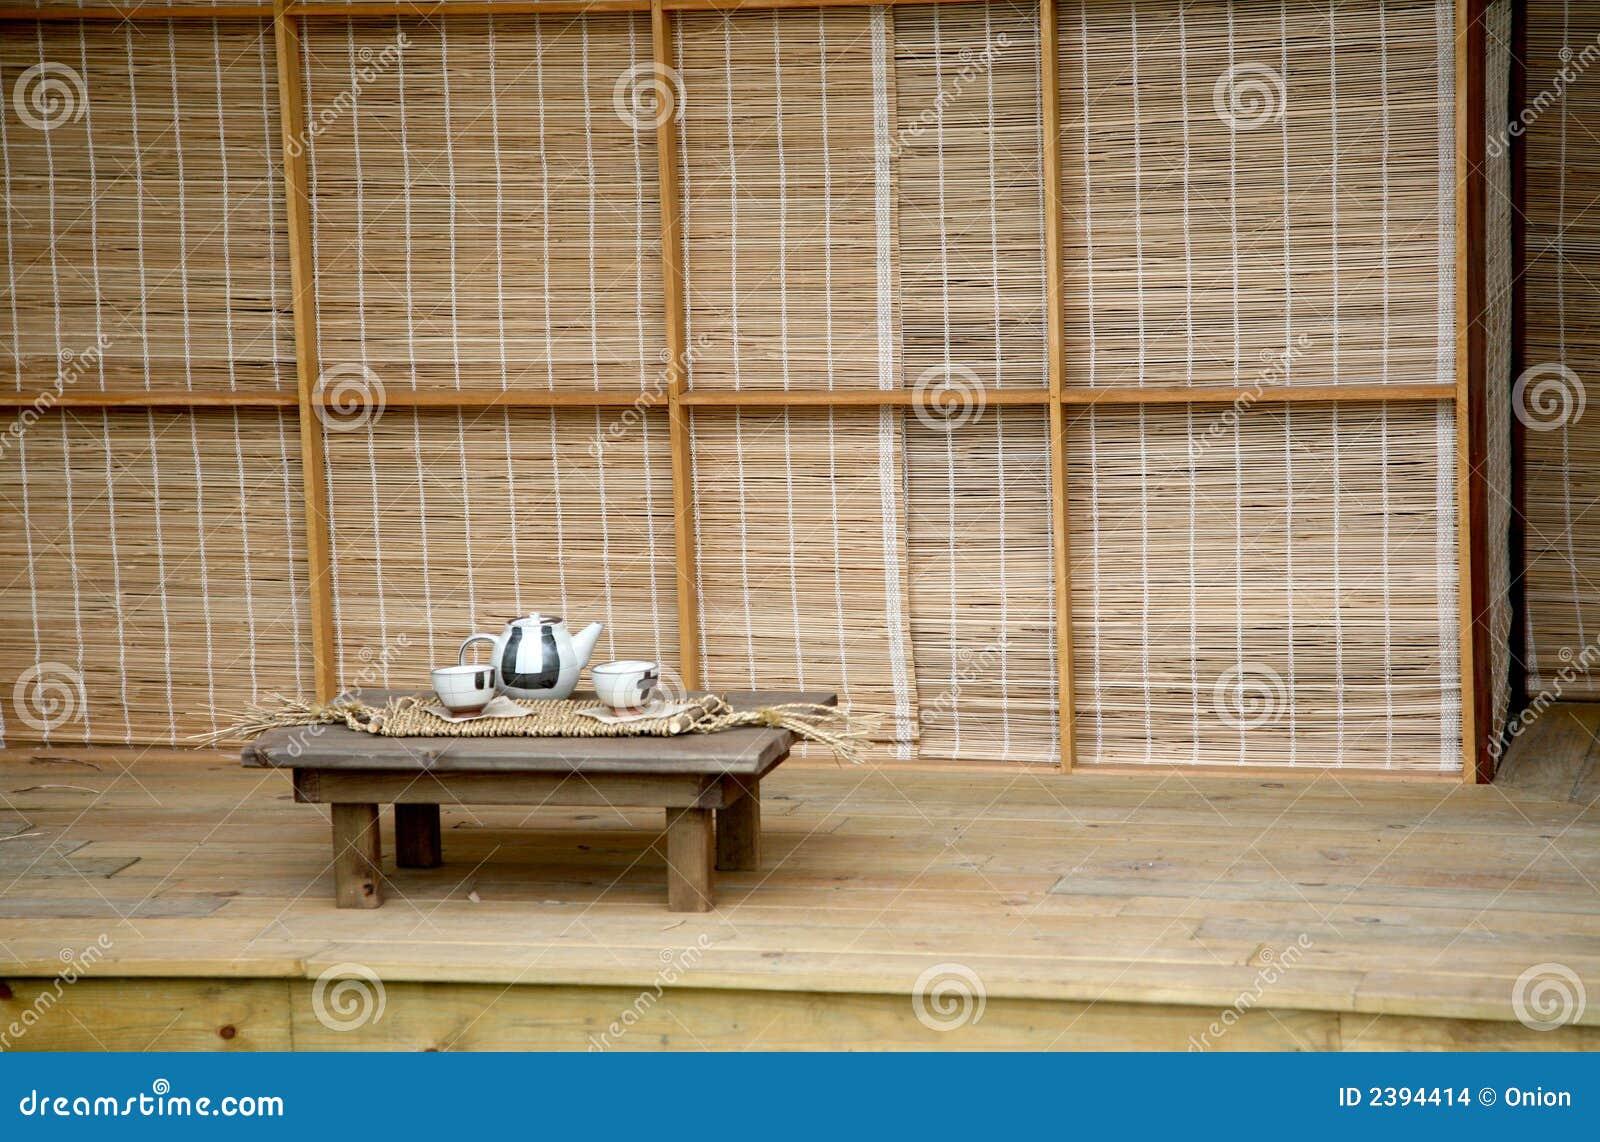 japanisches teehaus stockfoto bild von japanisch entspannung 2394414. Black Bedroom Furniture Sets. Home Design Ideas